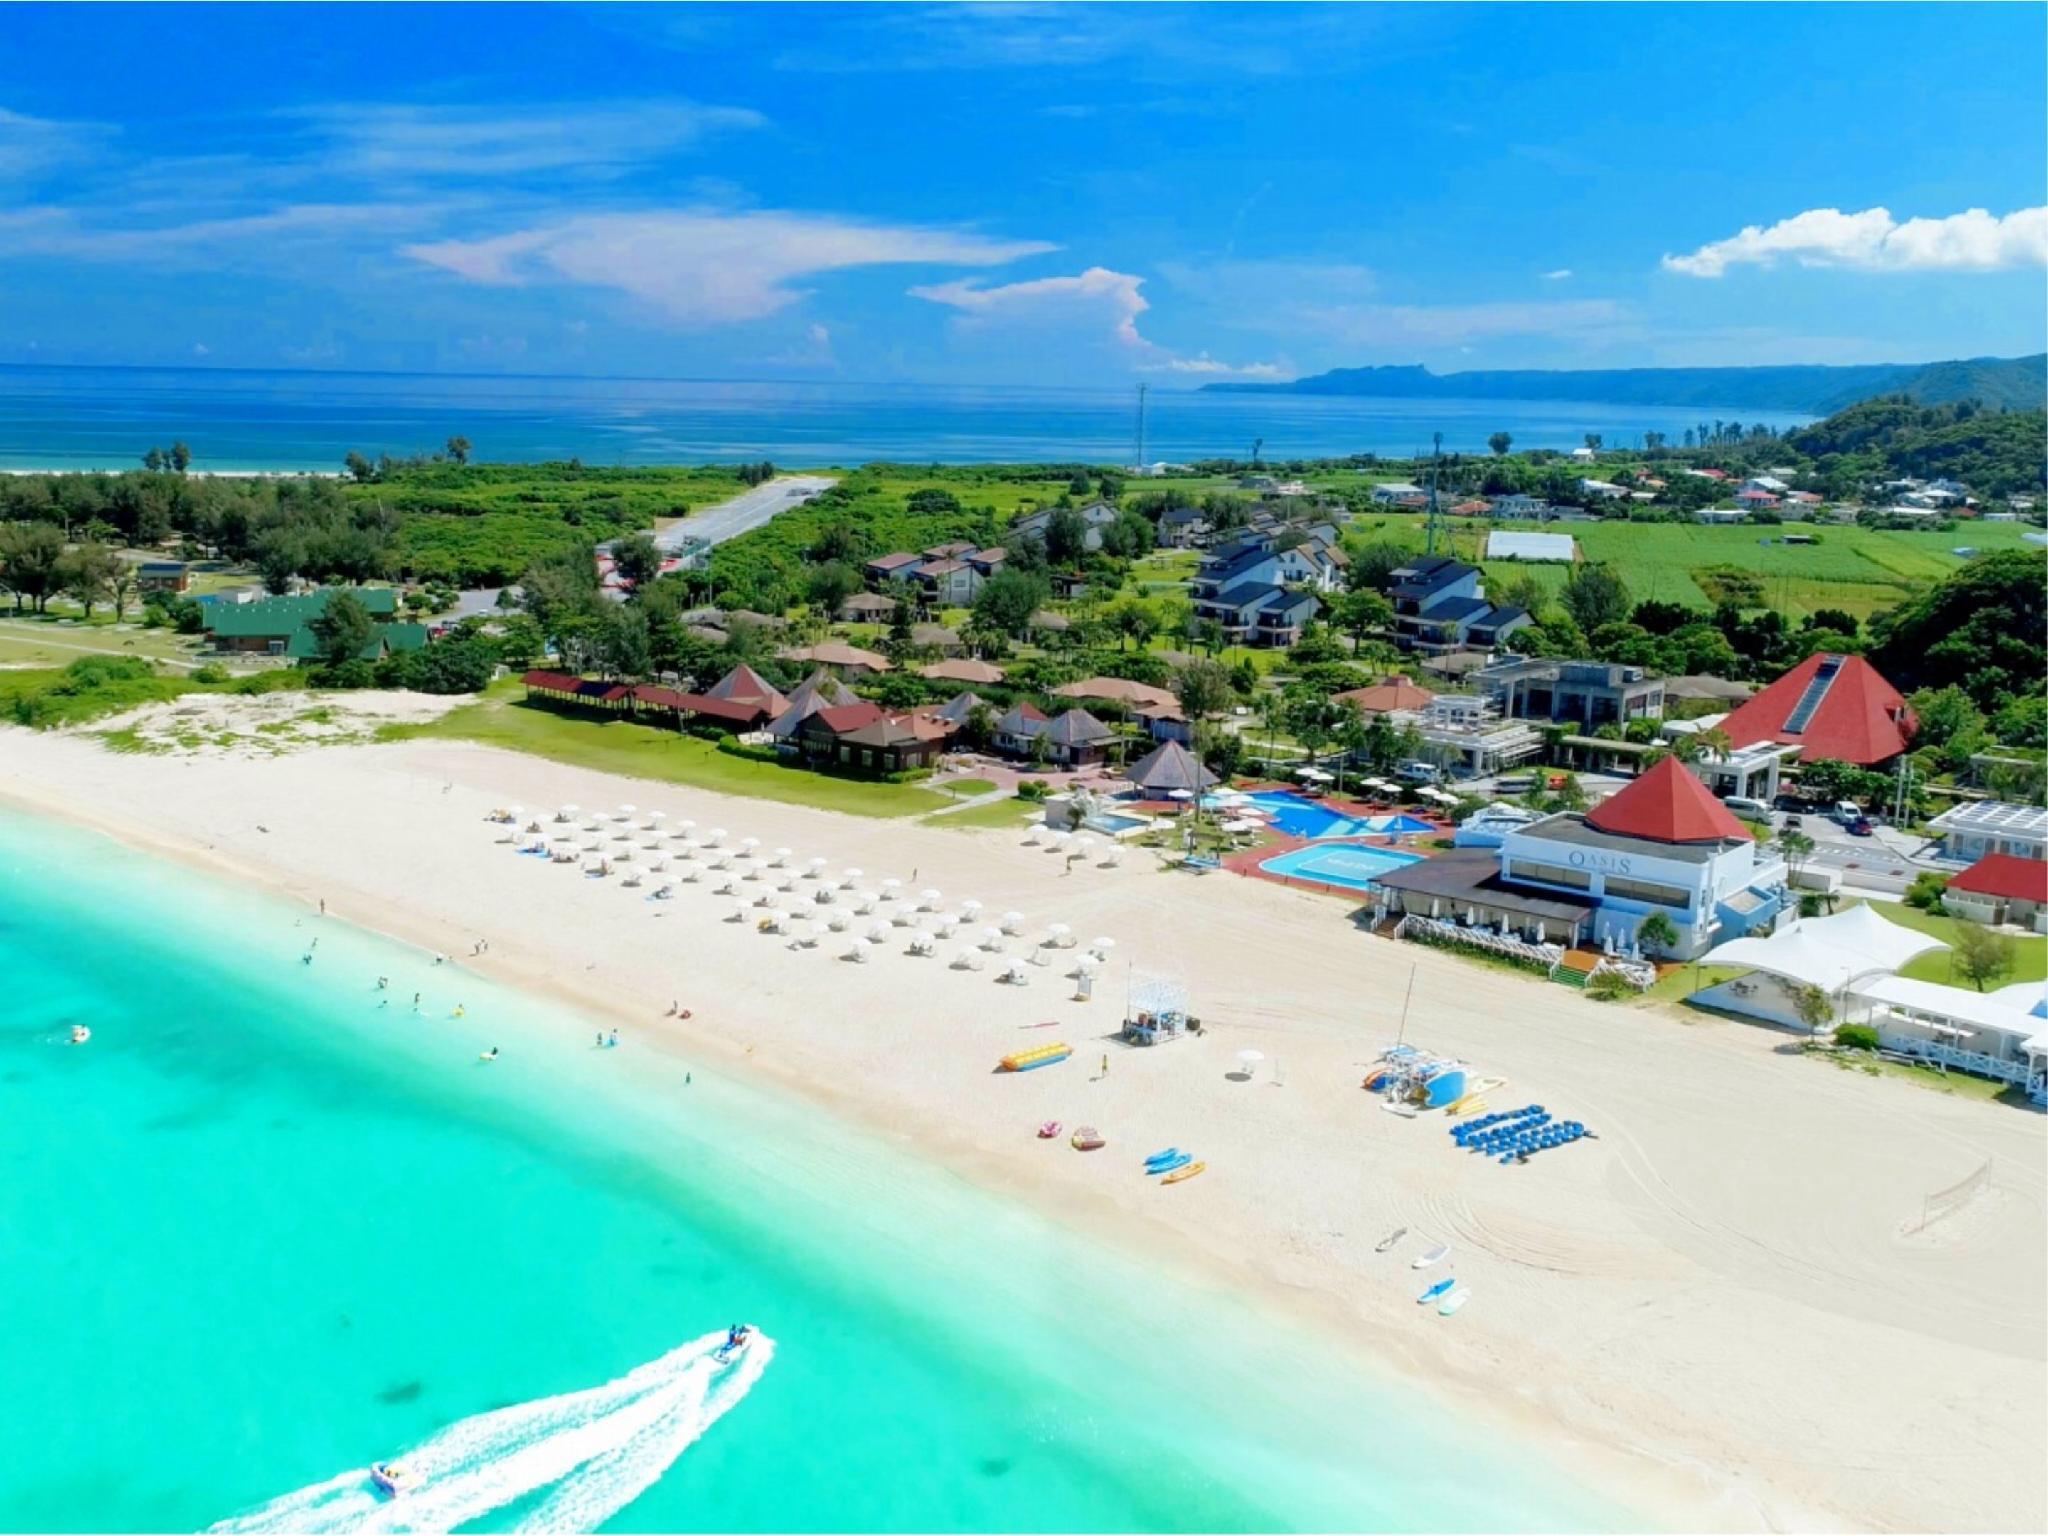 Okuma Private Beach And Resort